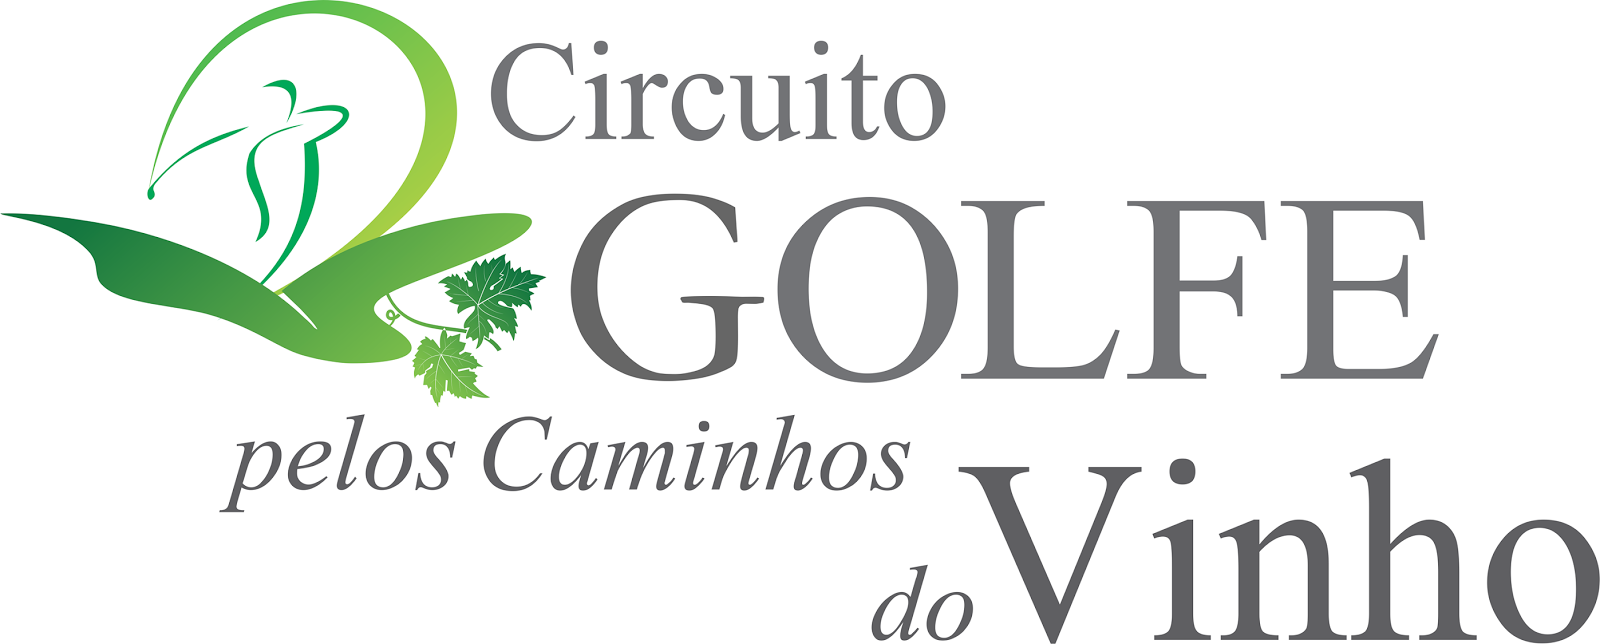 TEM INÍCIO O CIRCUITO GOLFE PELOS CAMINHOS DO VINHO 5fadddd6ebc